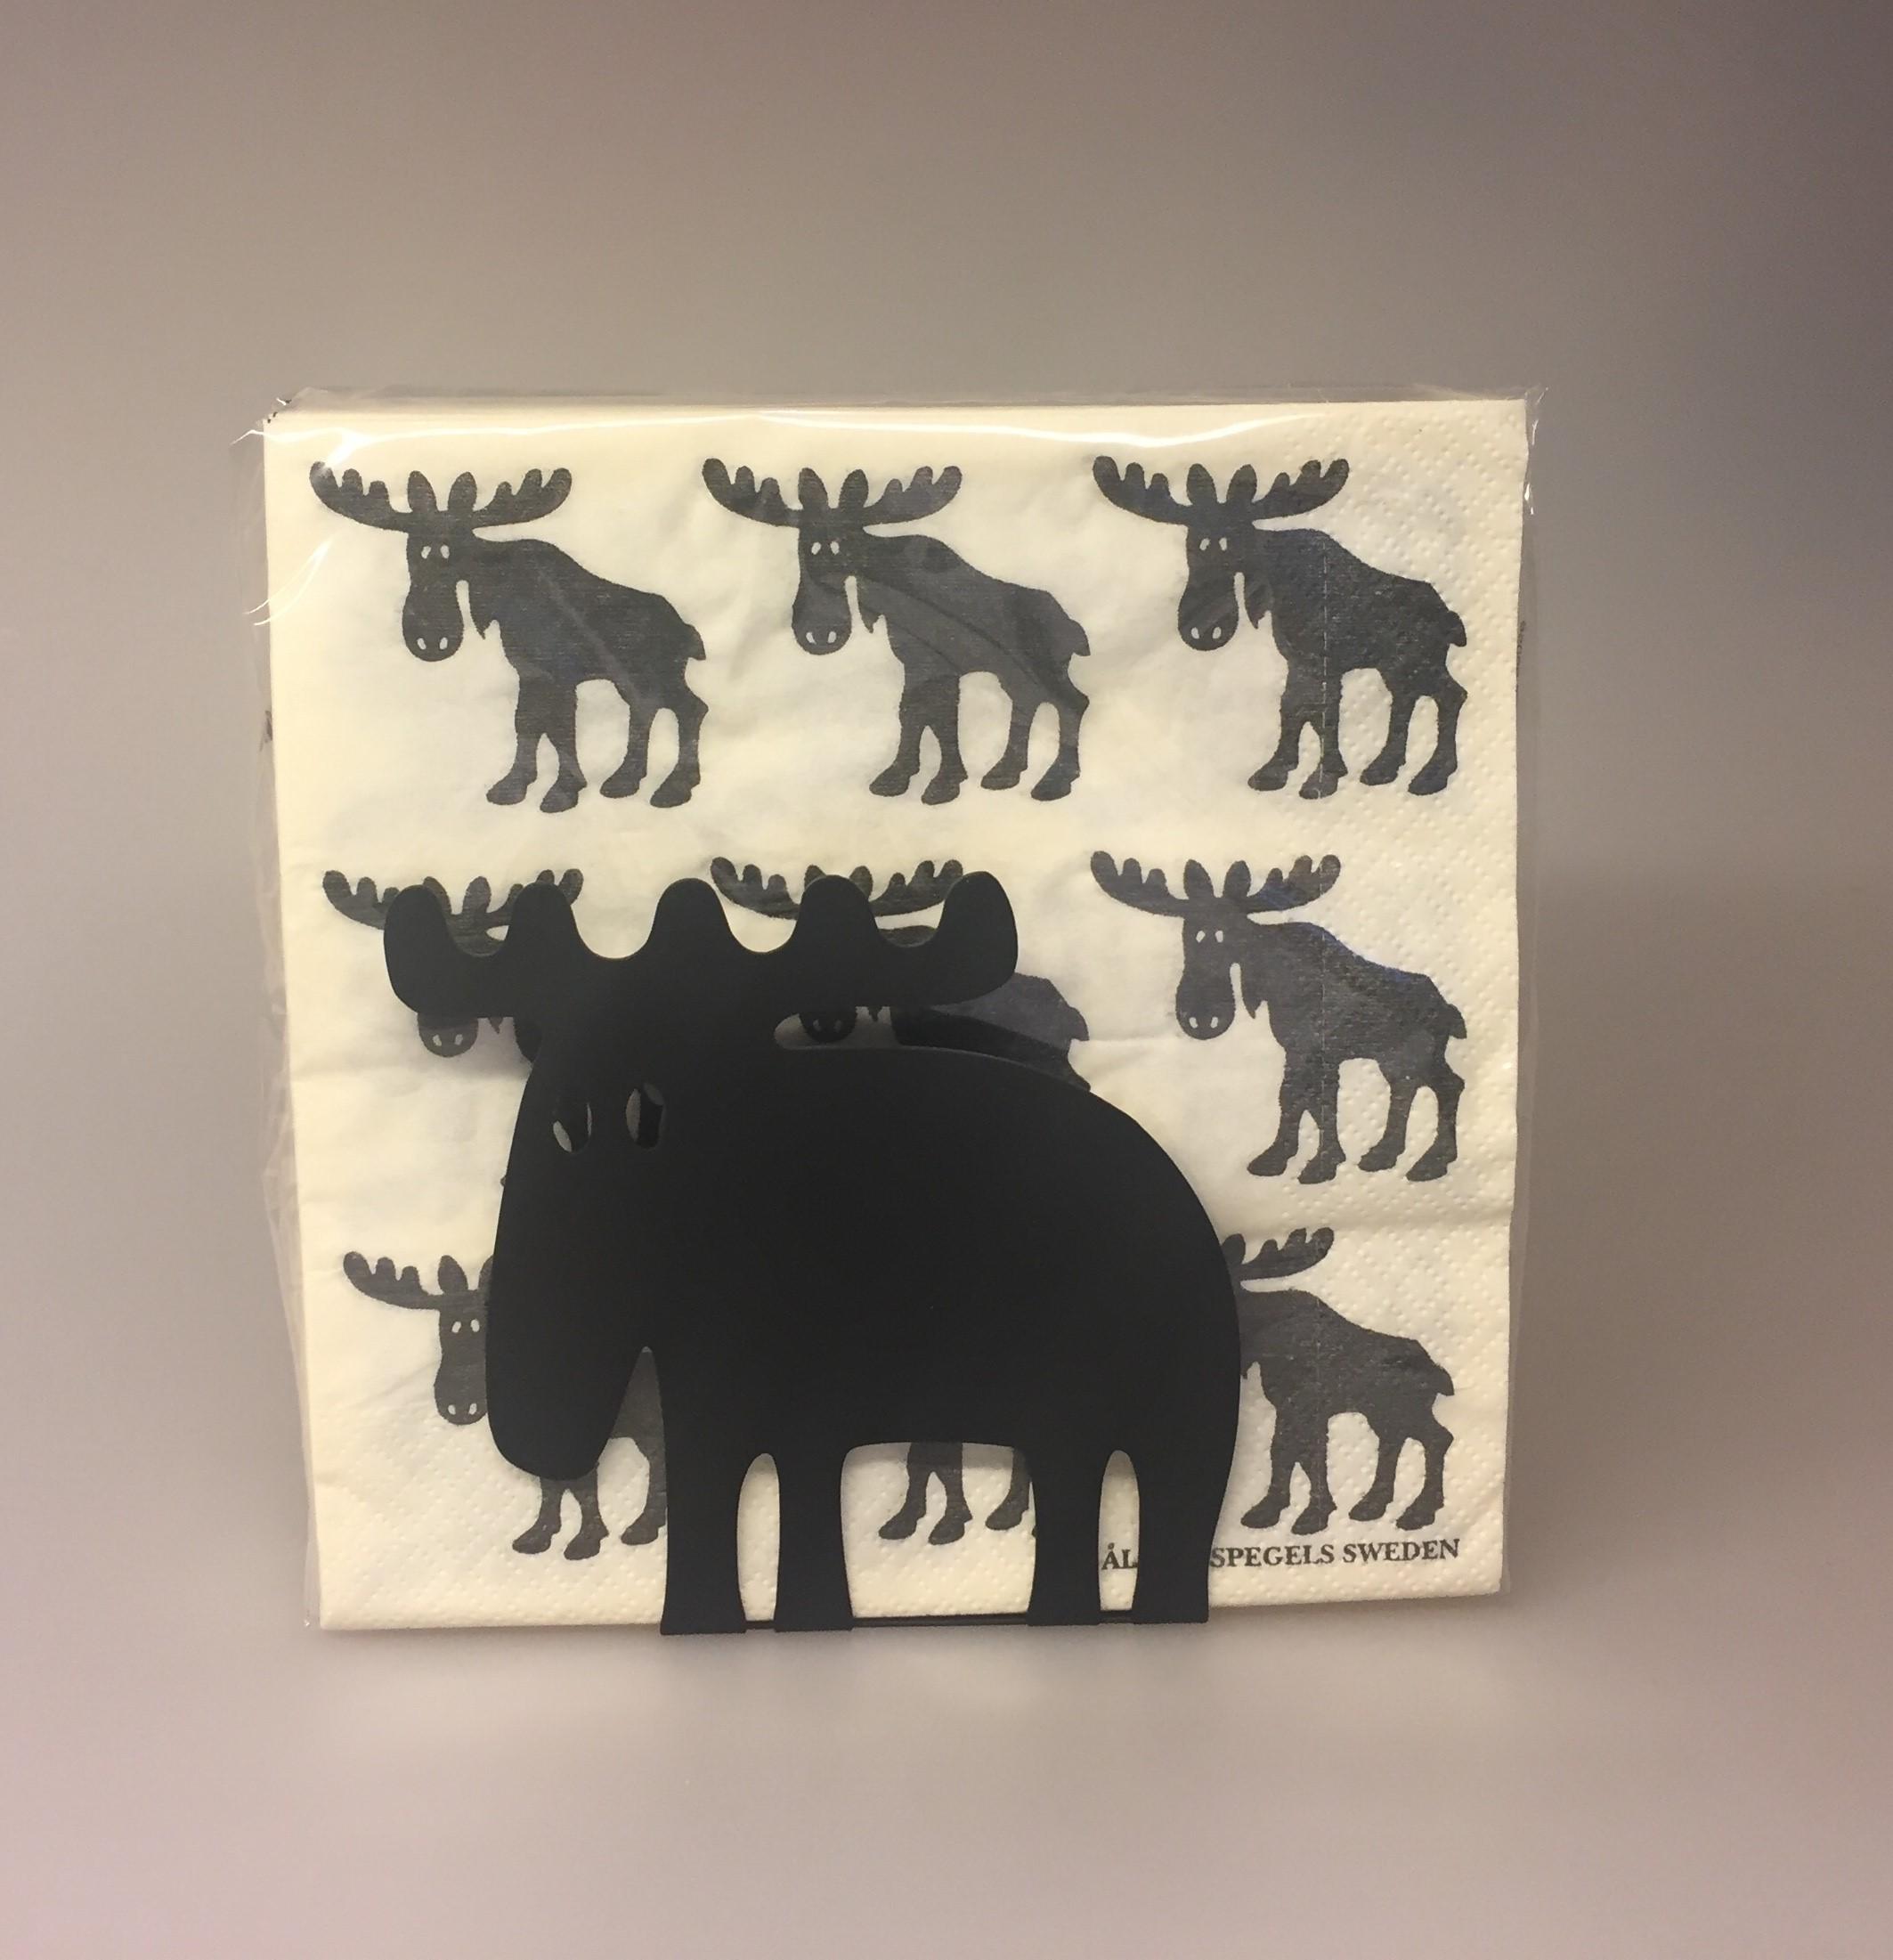 Servietholder metal - Elg sort, elgeservietholder, brevholder, brevordner, sort, metal, serviet holder, med elg, elgsdyr, moose, elk, elg, stilren, flot, kvalitet, nordisk, stil, svensk, Servietter hvide med sorte Elge, elge, elg, elgting, elgservietter, elgeservietter, elgsdyr, elsdyr, svensk, svenske,sverige, astrid lindgren, småland, skåne, kvalitet, specielt, nordisk, design, norden,